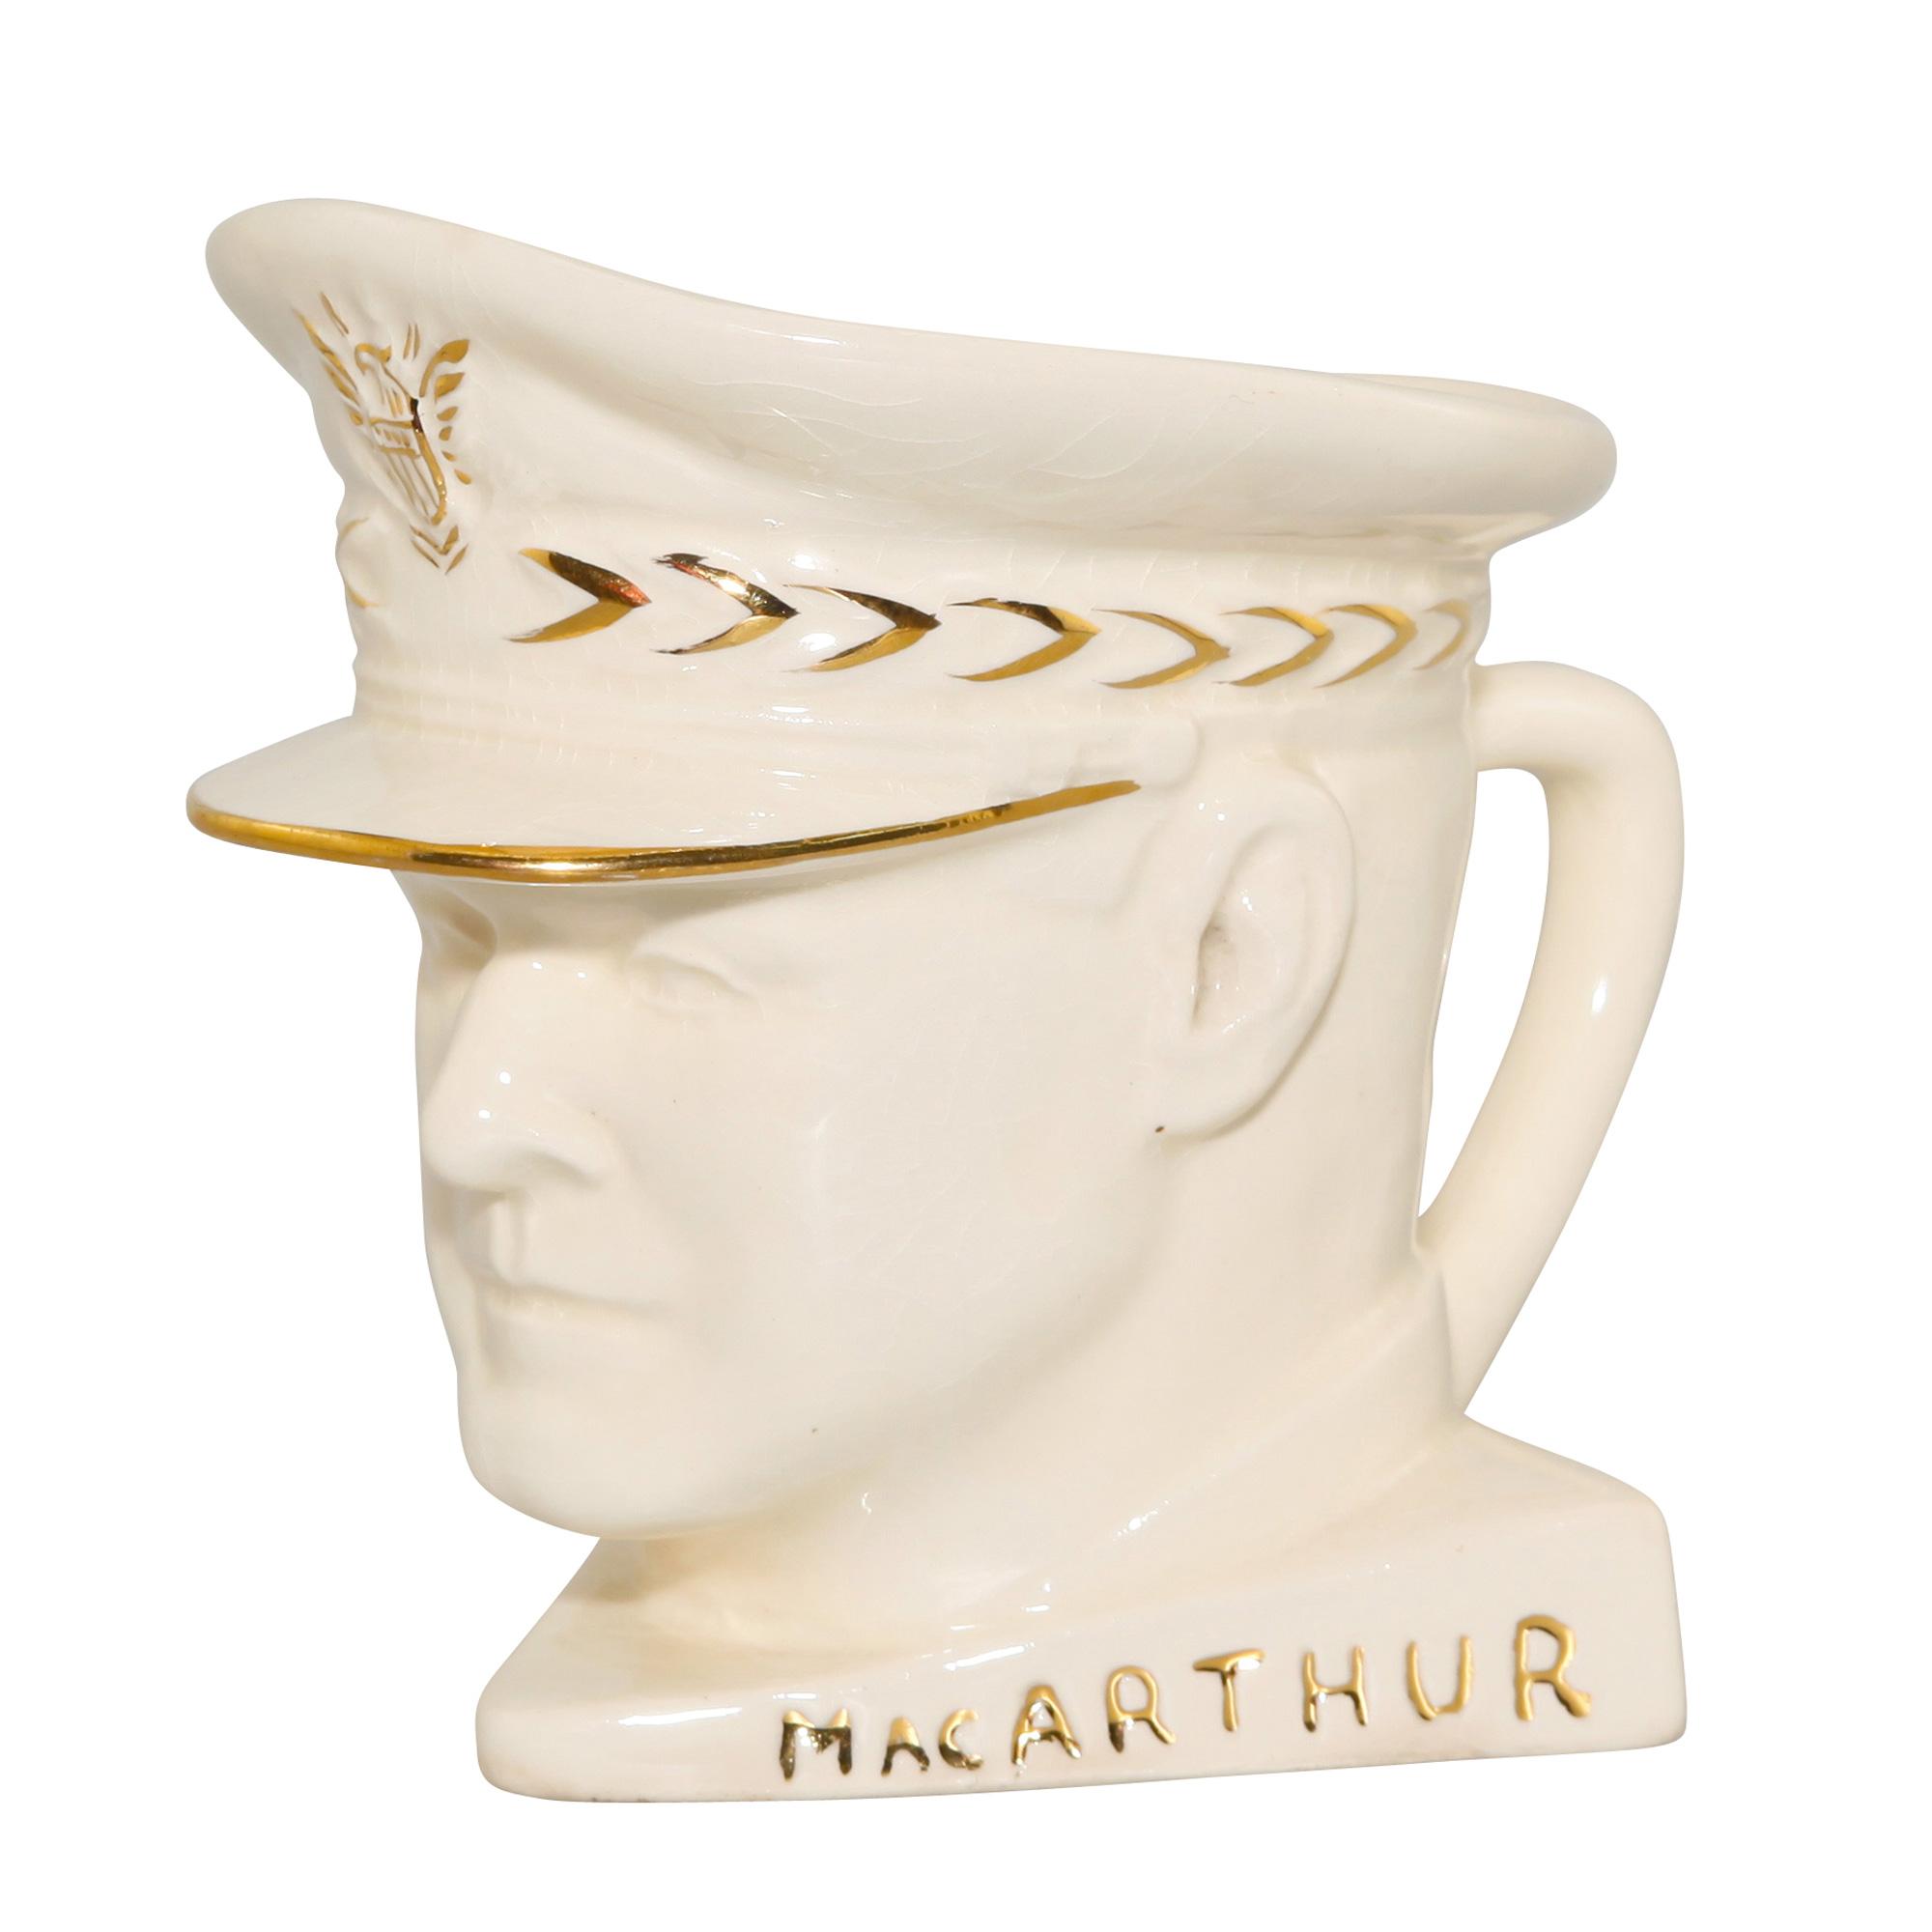 General MacArthur Small Character Jug